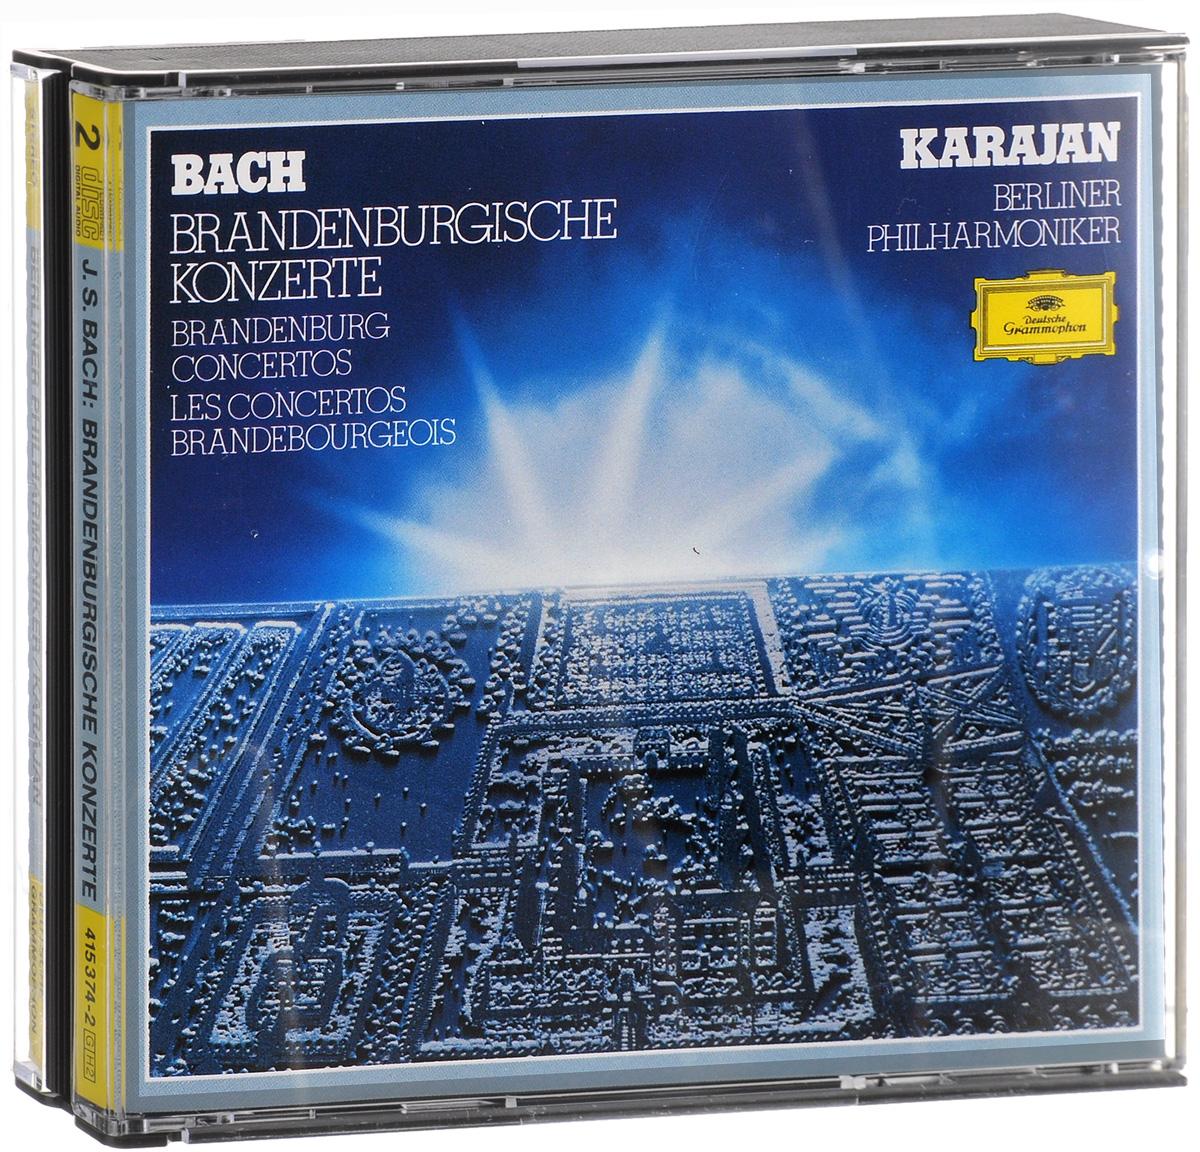 Герберт Караян,Berliner Philharmoniker Karajan. J. S. Bach. Brandenburgische Konzerte (2 CD) w middelschulte konzert uber ein thema von j s bach